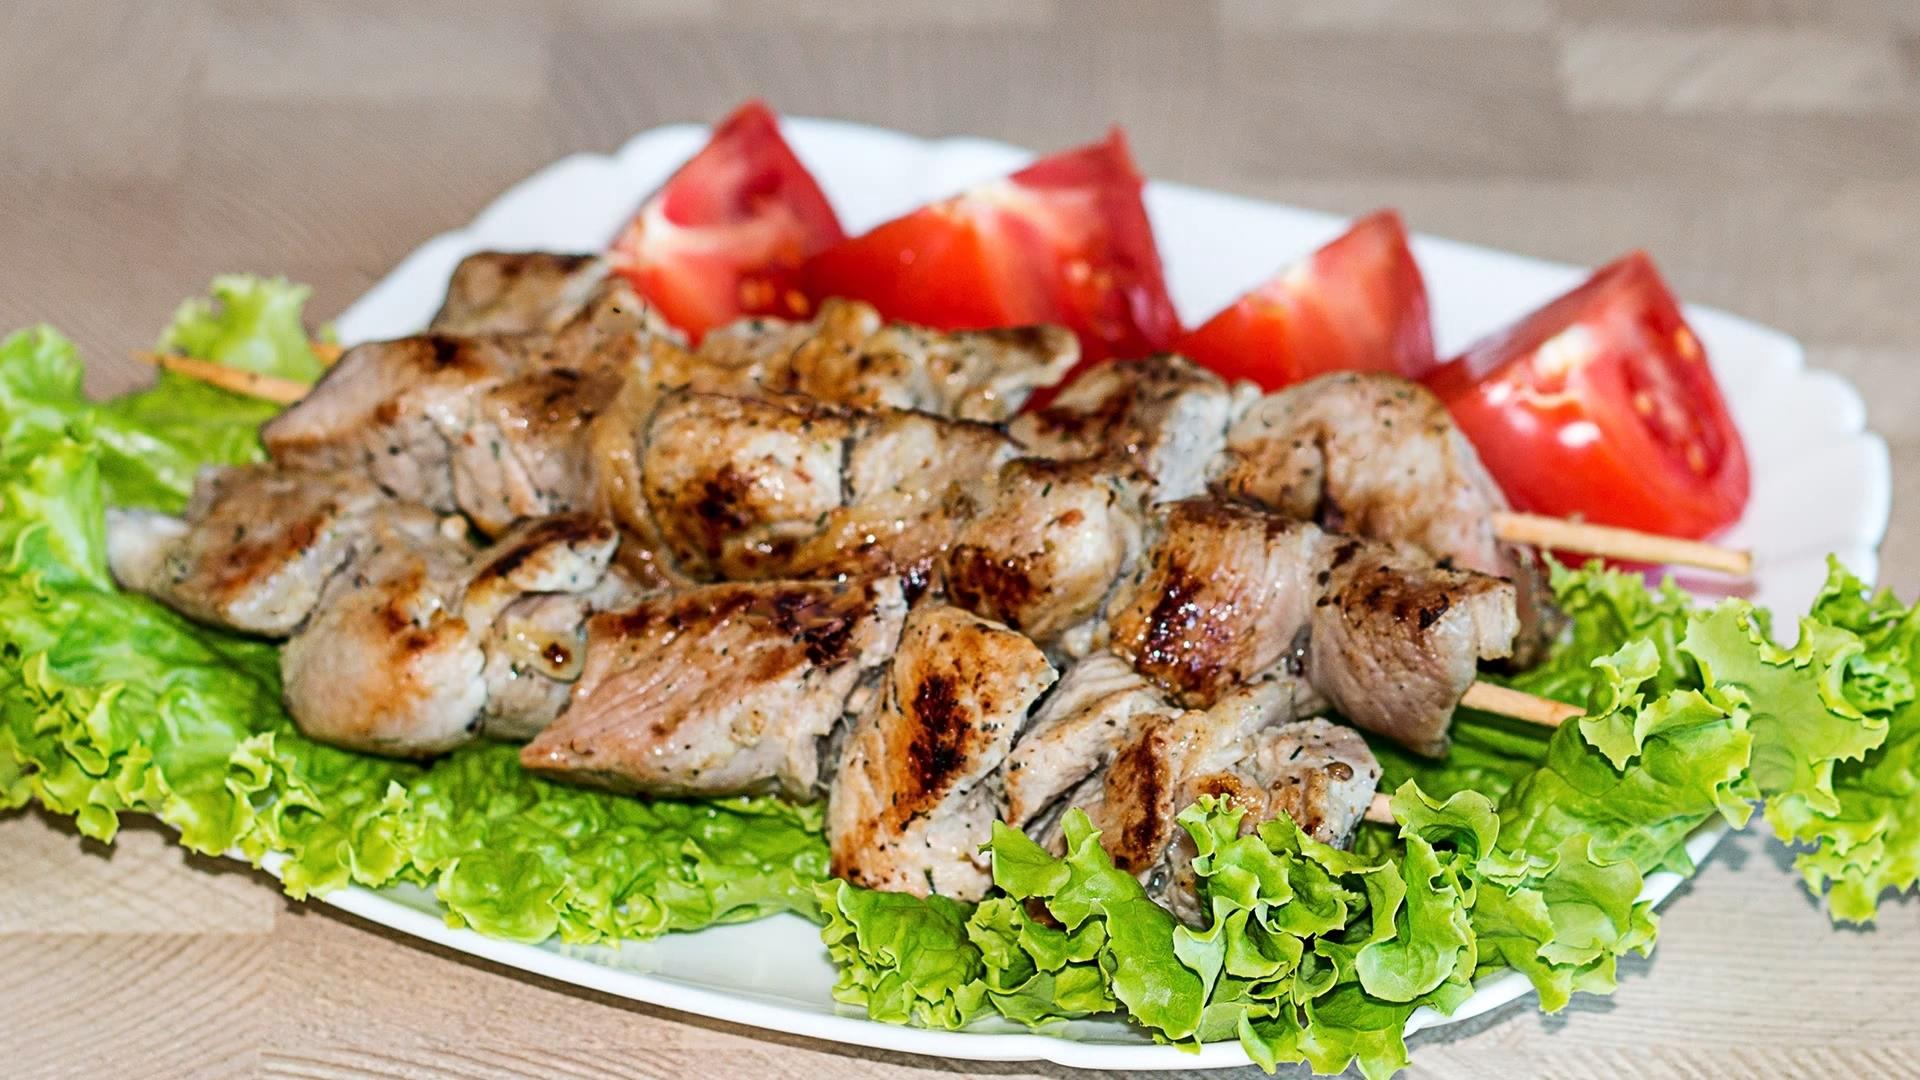 маринад для мяса с киви фото